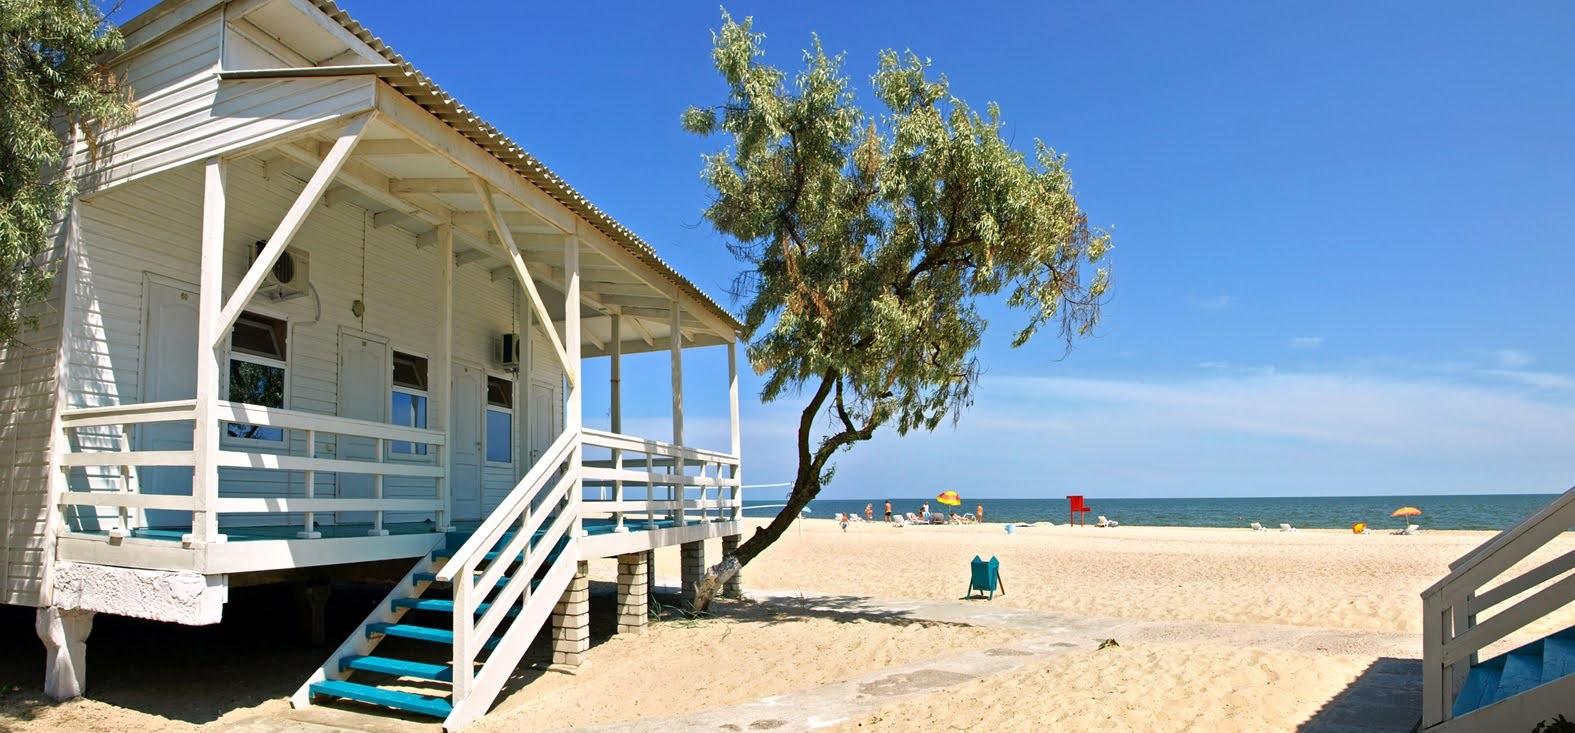 Отдых на пляже